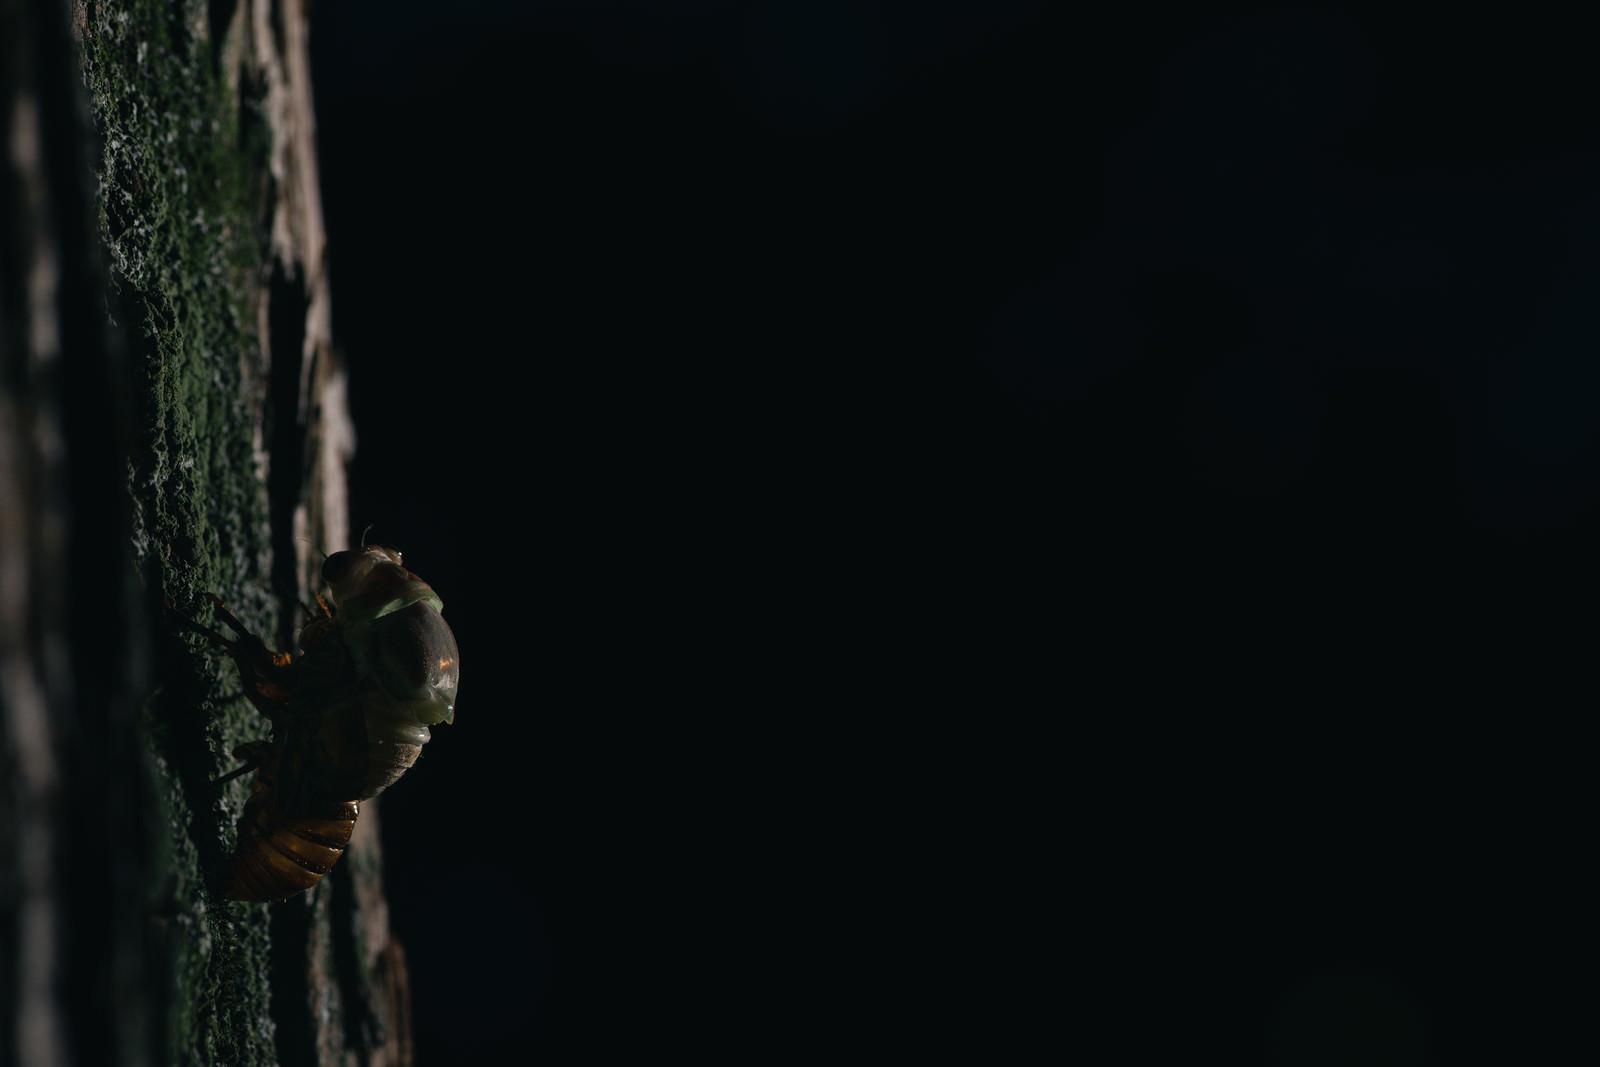 「暗闇の中、羽化をはじめるニイニイゼミの幼虫」の写真